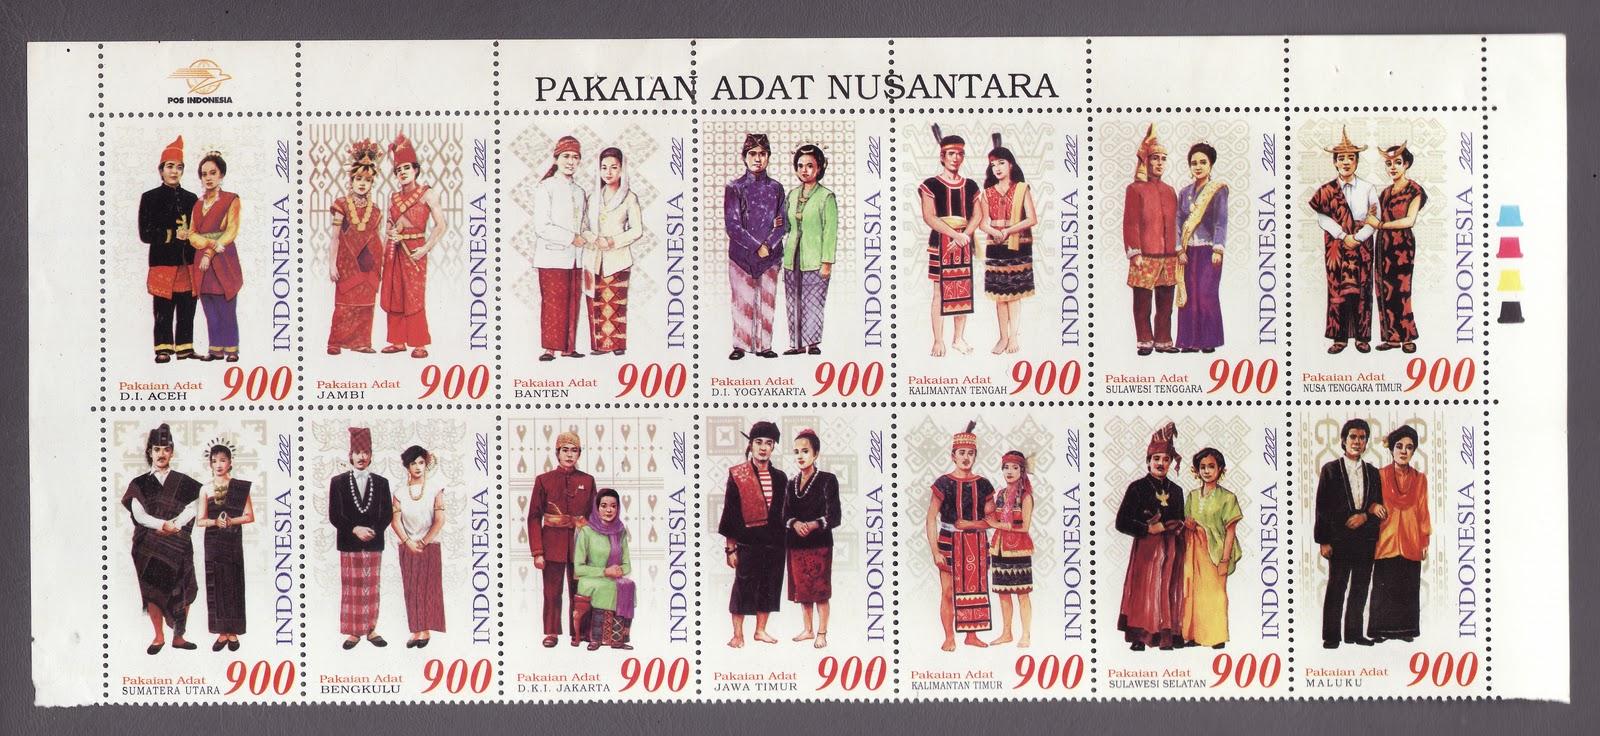 Tabel Pakaian Adat 34 Provinsi Di Indonesia